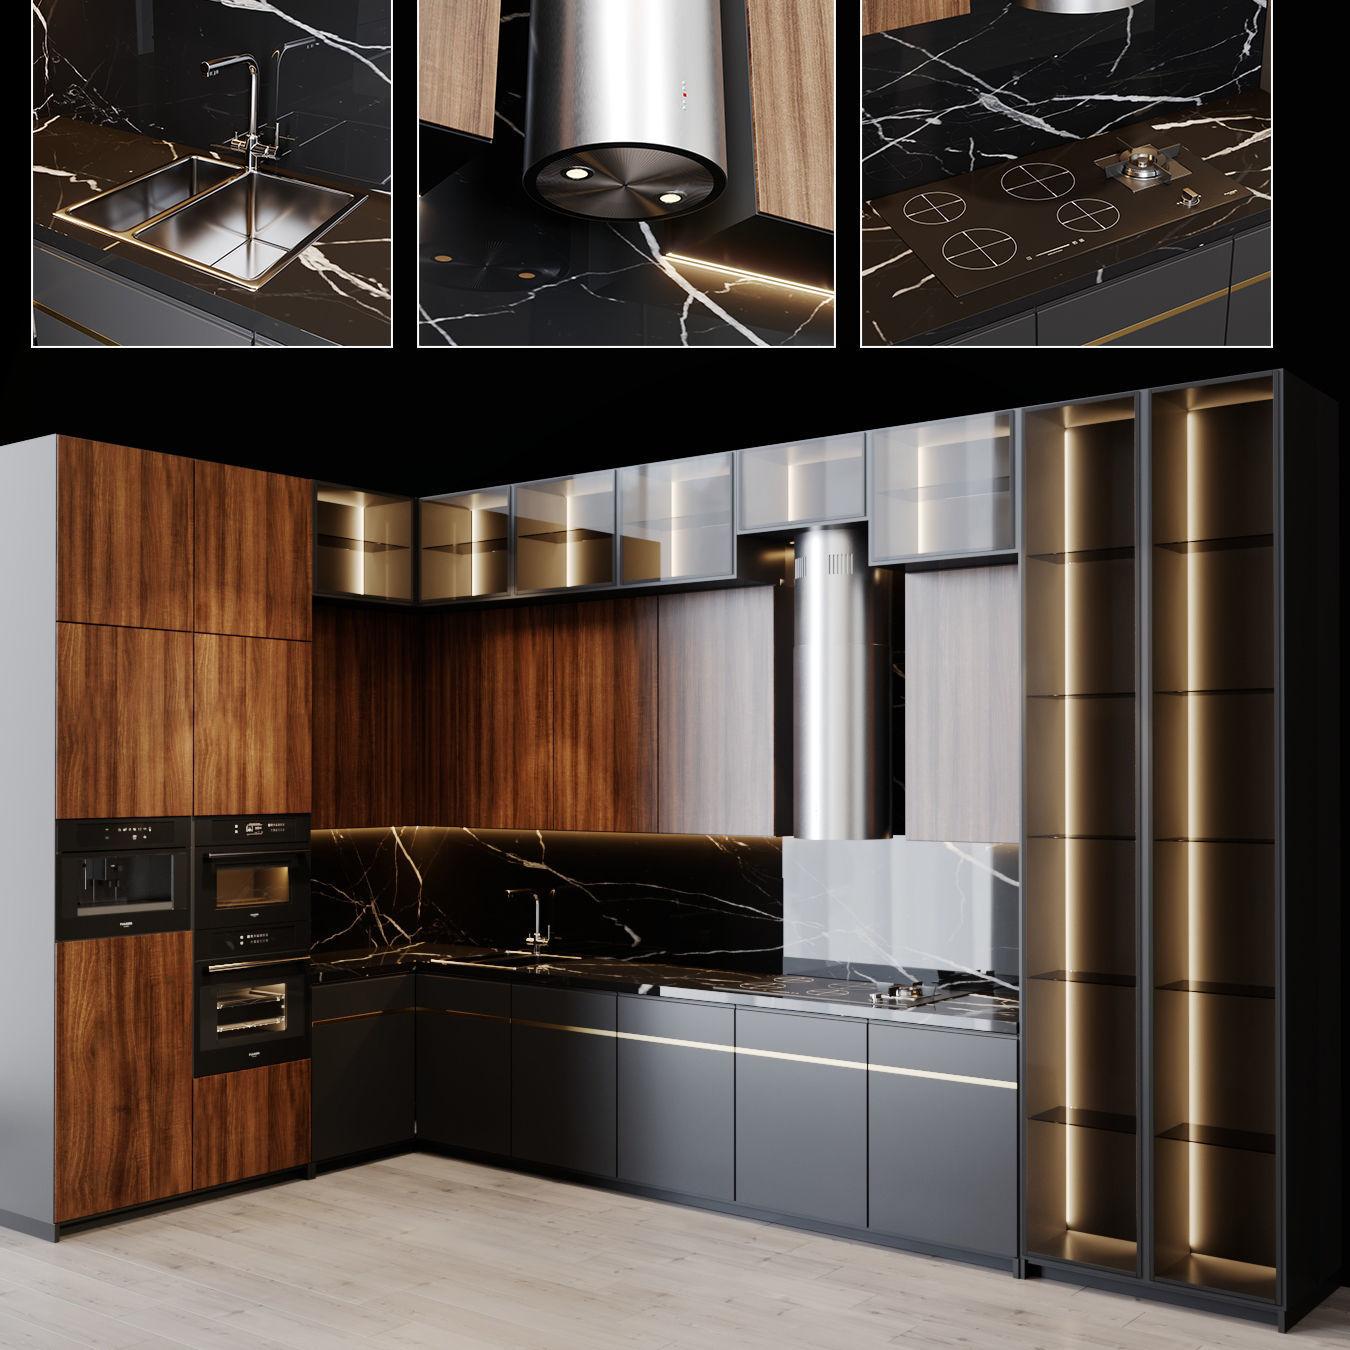 3D Kitchen Modern 15 | CGTrader on Model Kitchen  id=41862